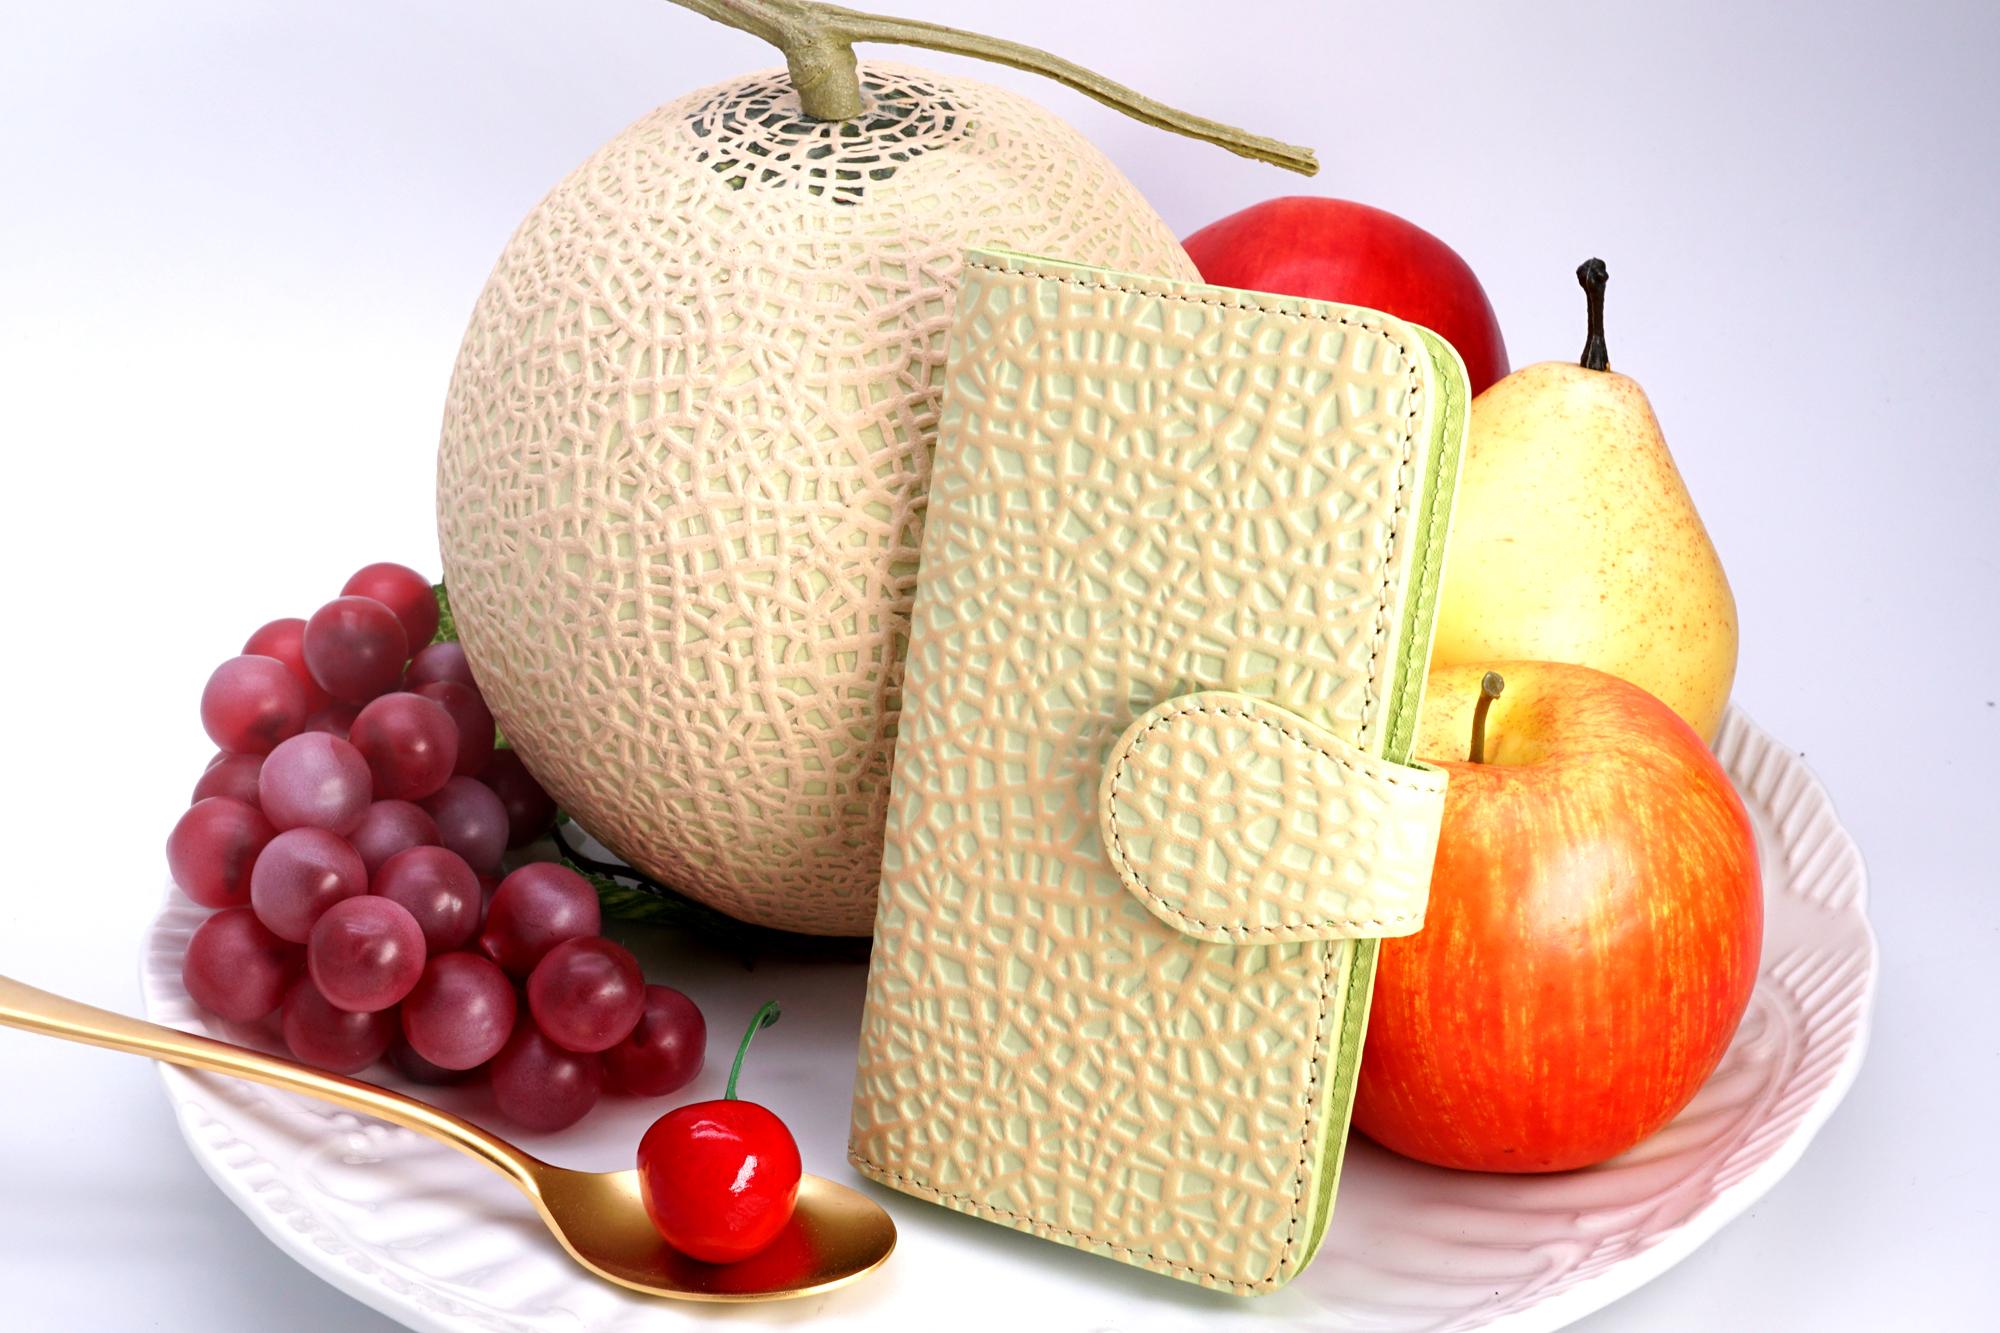 牛革製・クラウンメロンなスマホケース(Mサイズ)iPhone 6 6s 7 8 多機種対応/静岡クラウンメロンコラボ